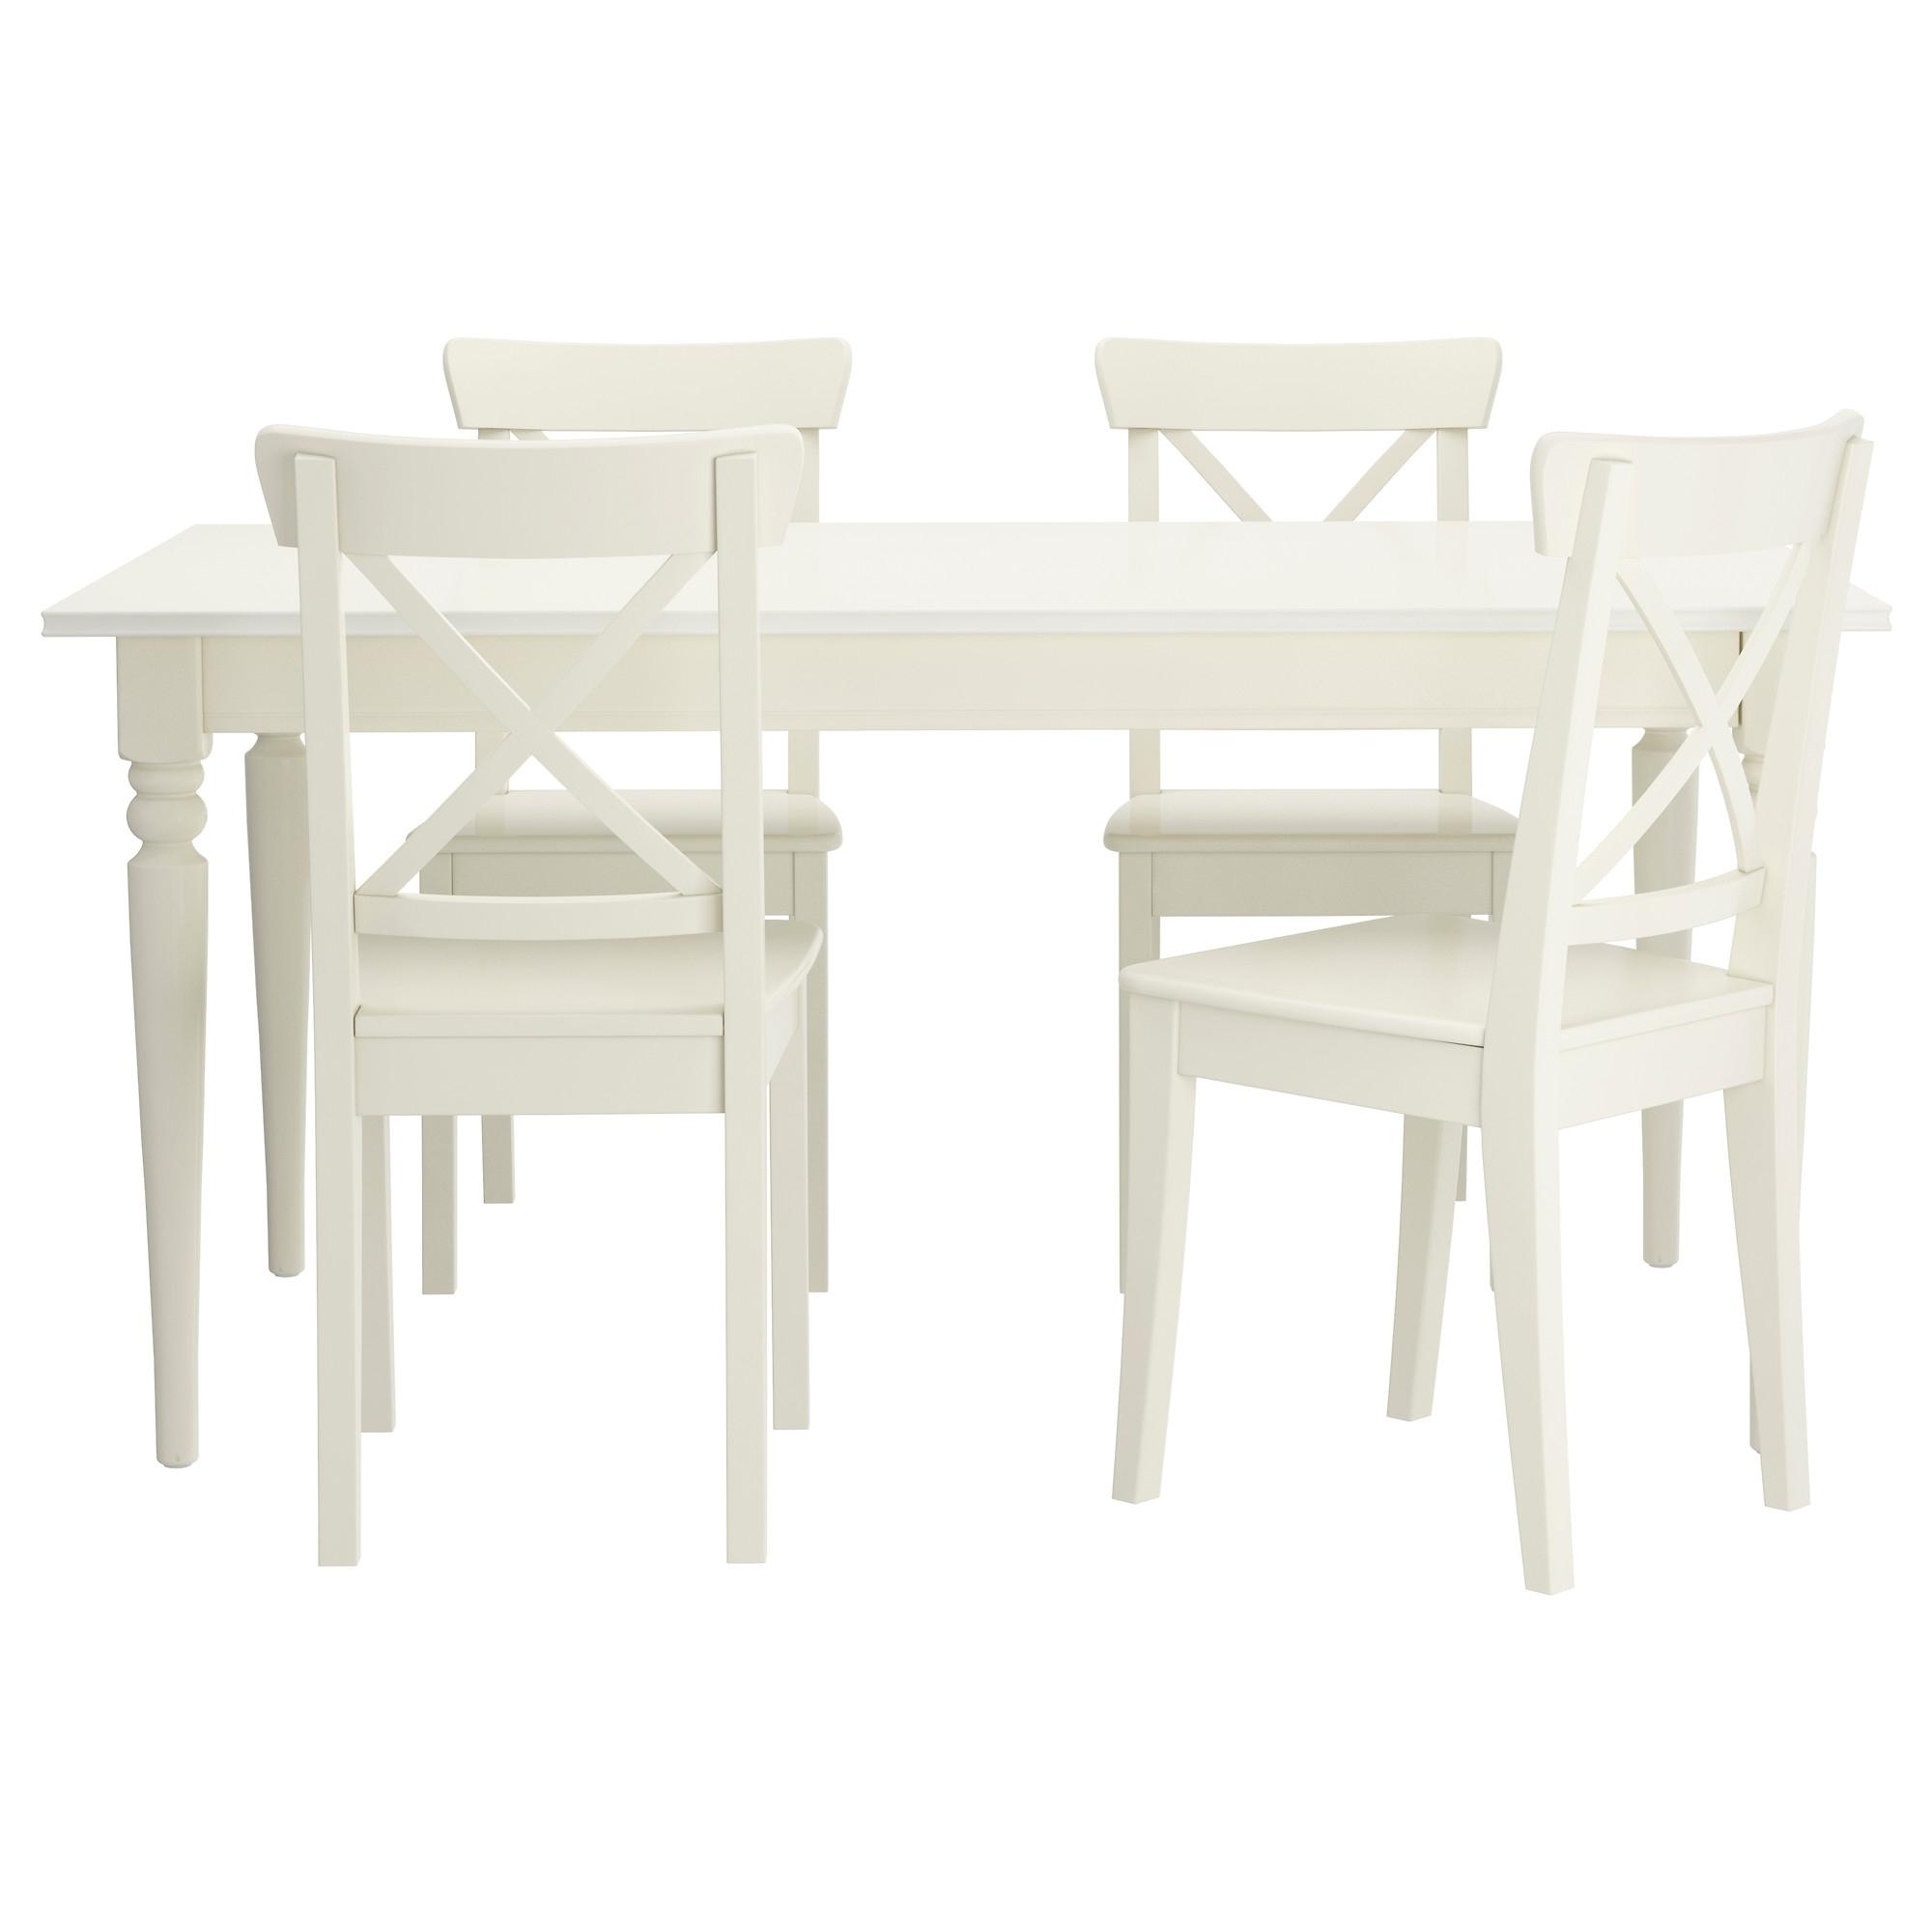 Ikea Mesa De Comedor 0gdr Ingatorp Mesa Con 4 Sillas – Sharon Leal